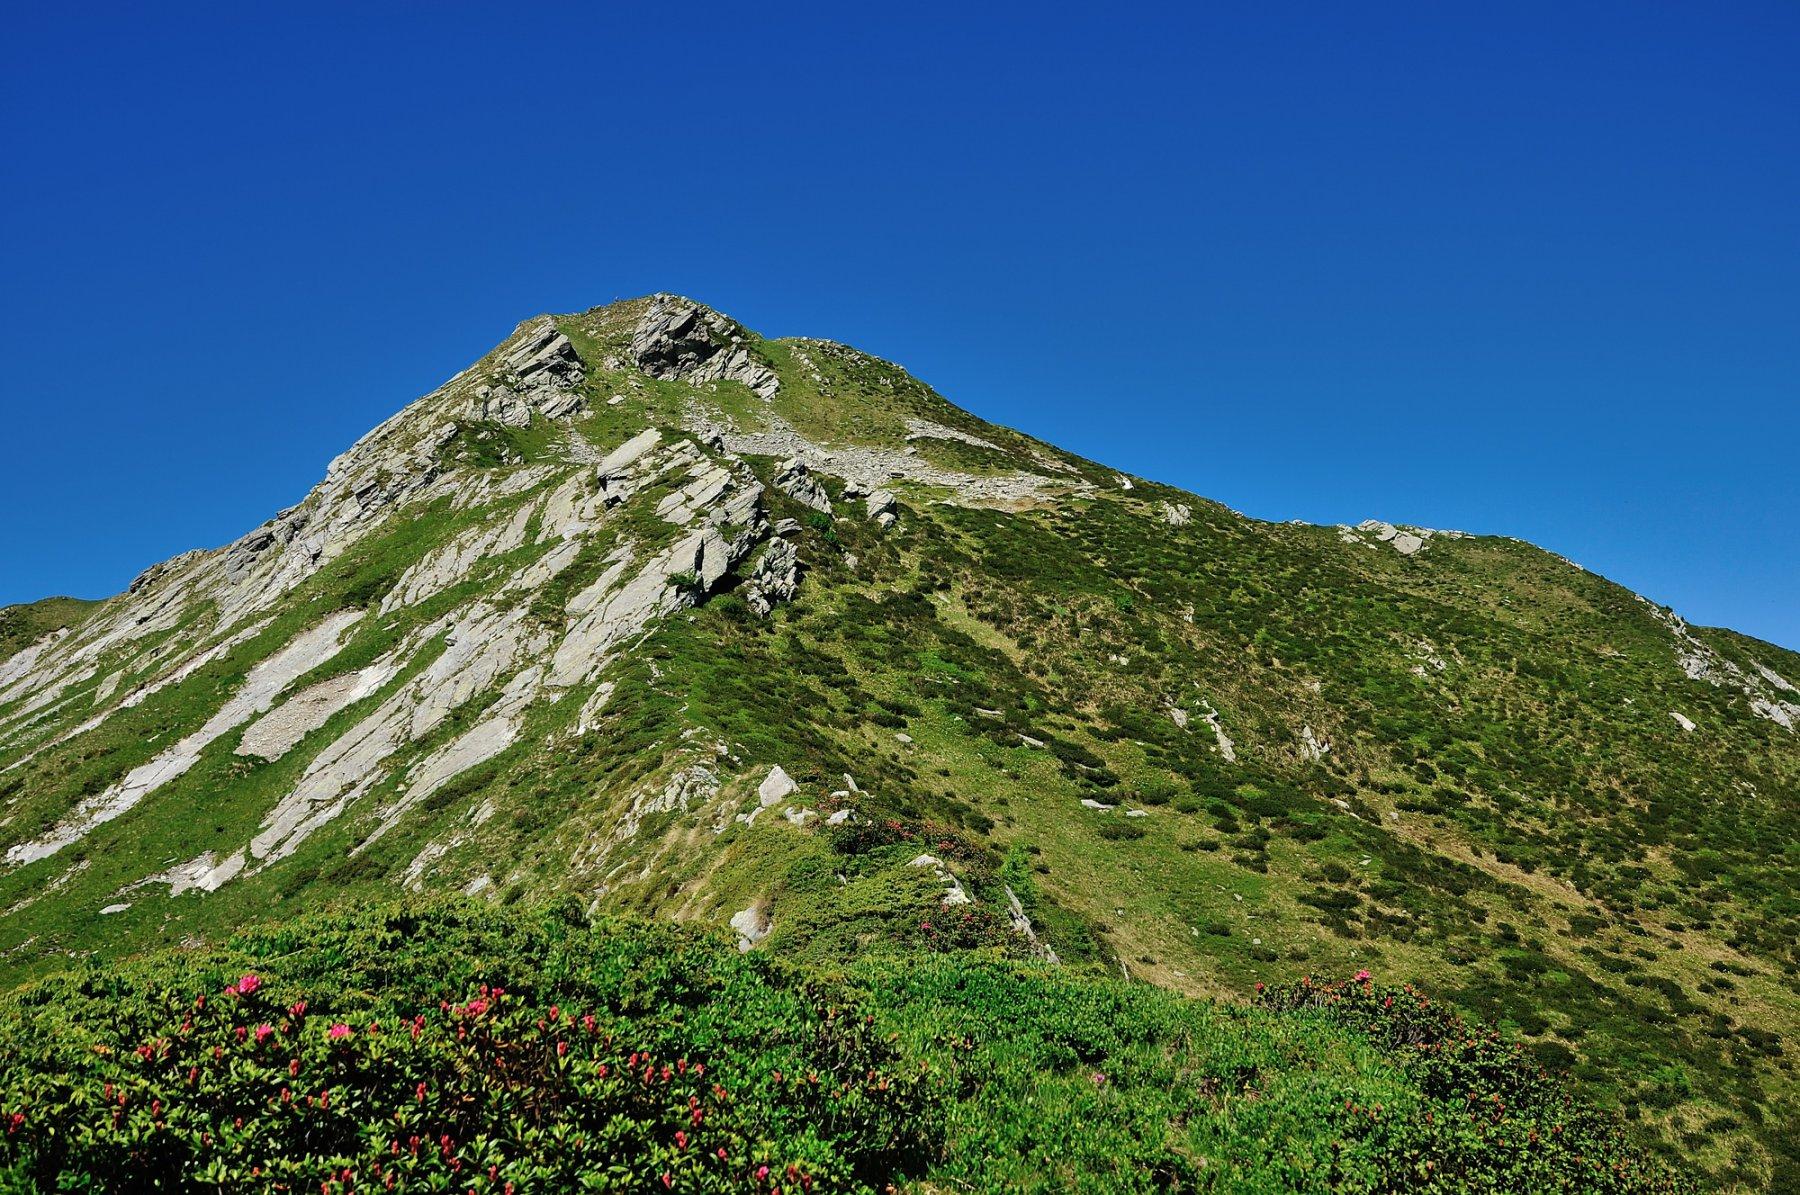 La cima e l'ultimo tratto di cresta ad inizio estate